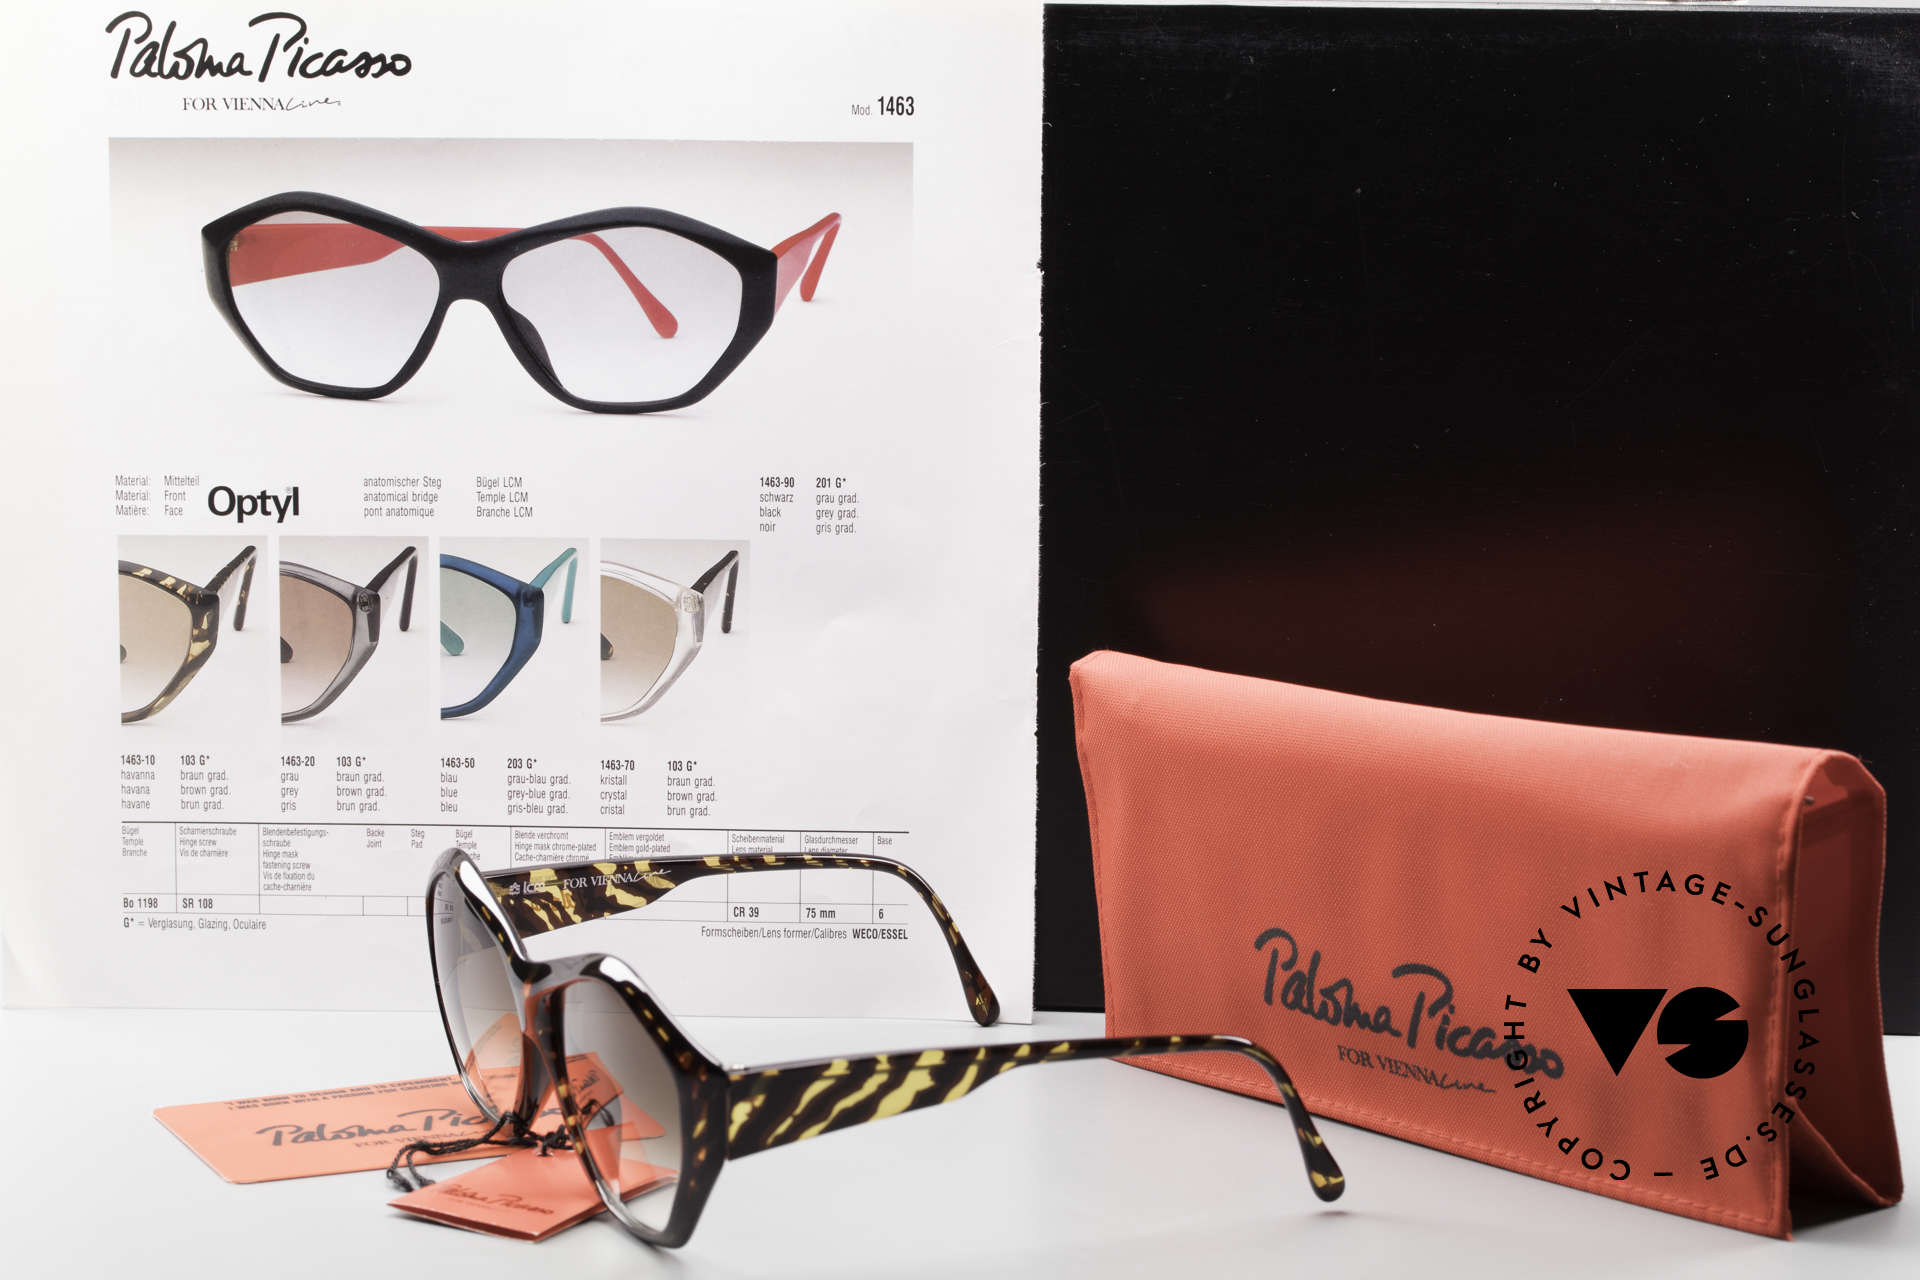 Paloma Picasso 1463 90er Optyl Sonnenbrille Damen, Größe: medium, Passend für Damen